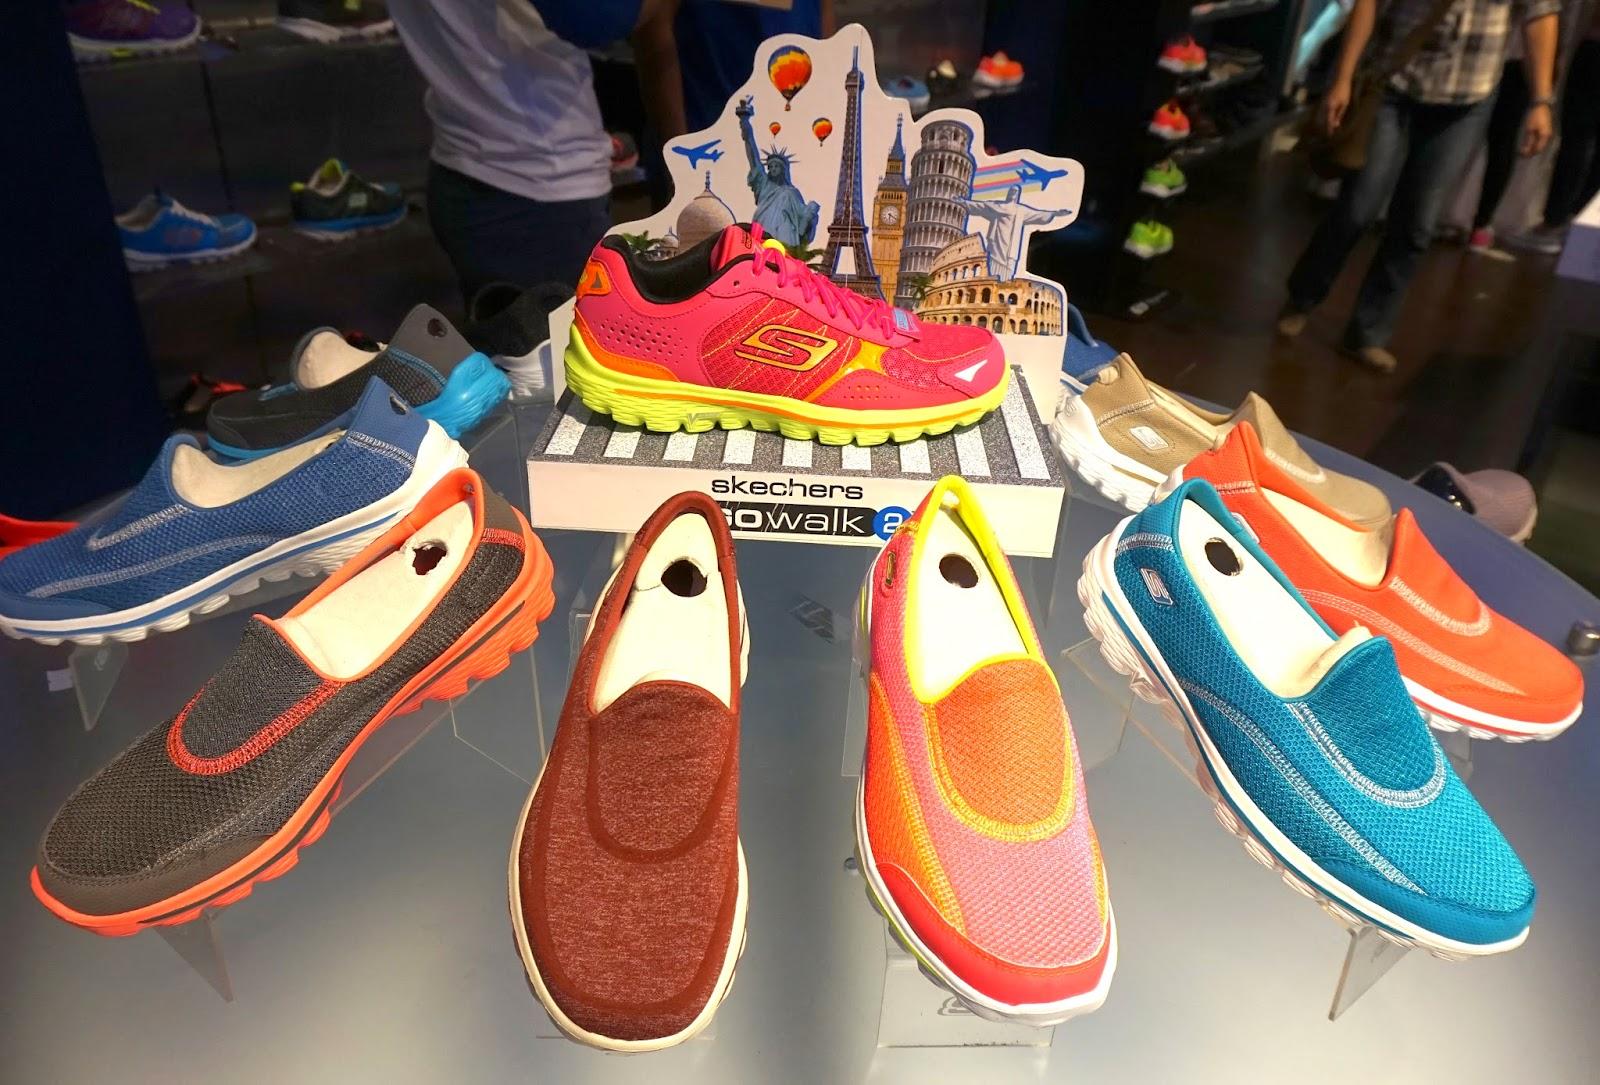 Skechers Go Walk 2. Feel the Bounce